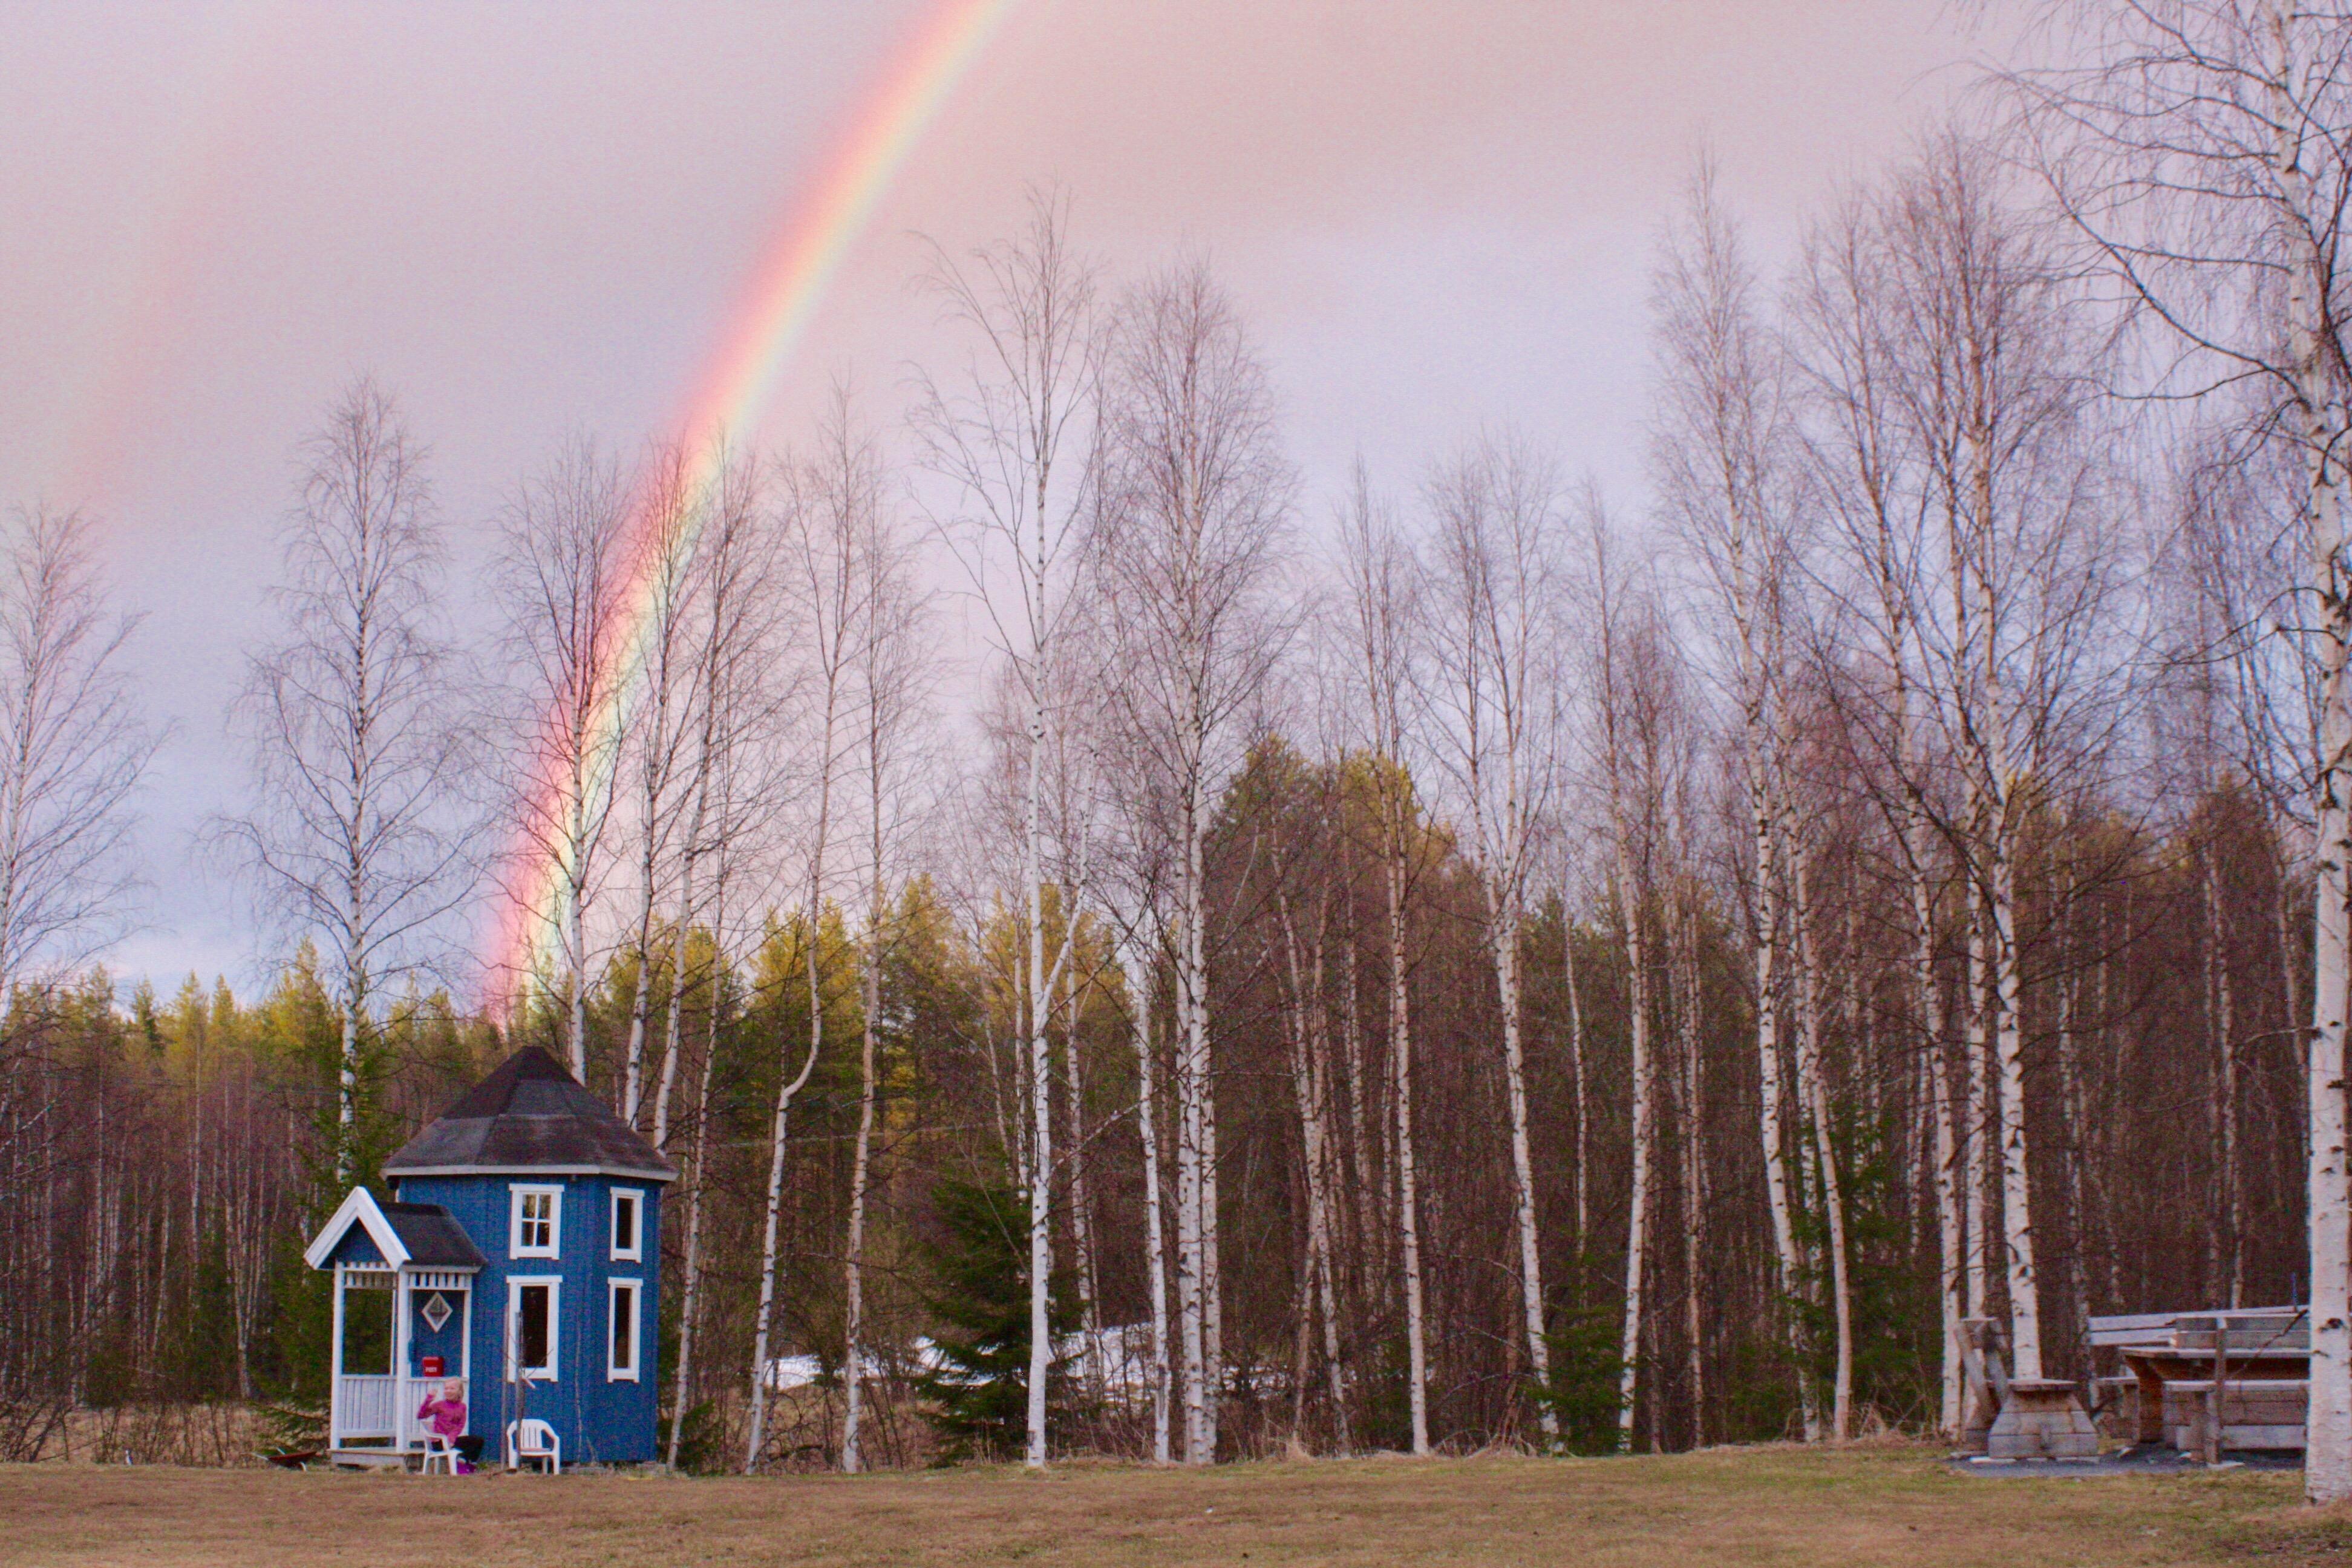 muminhus med regnbåge